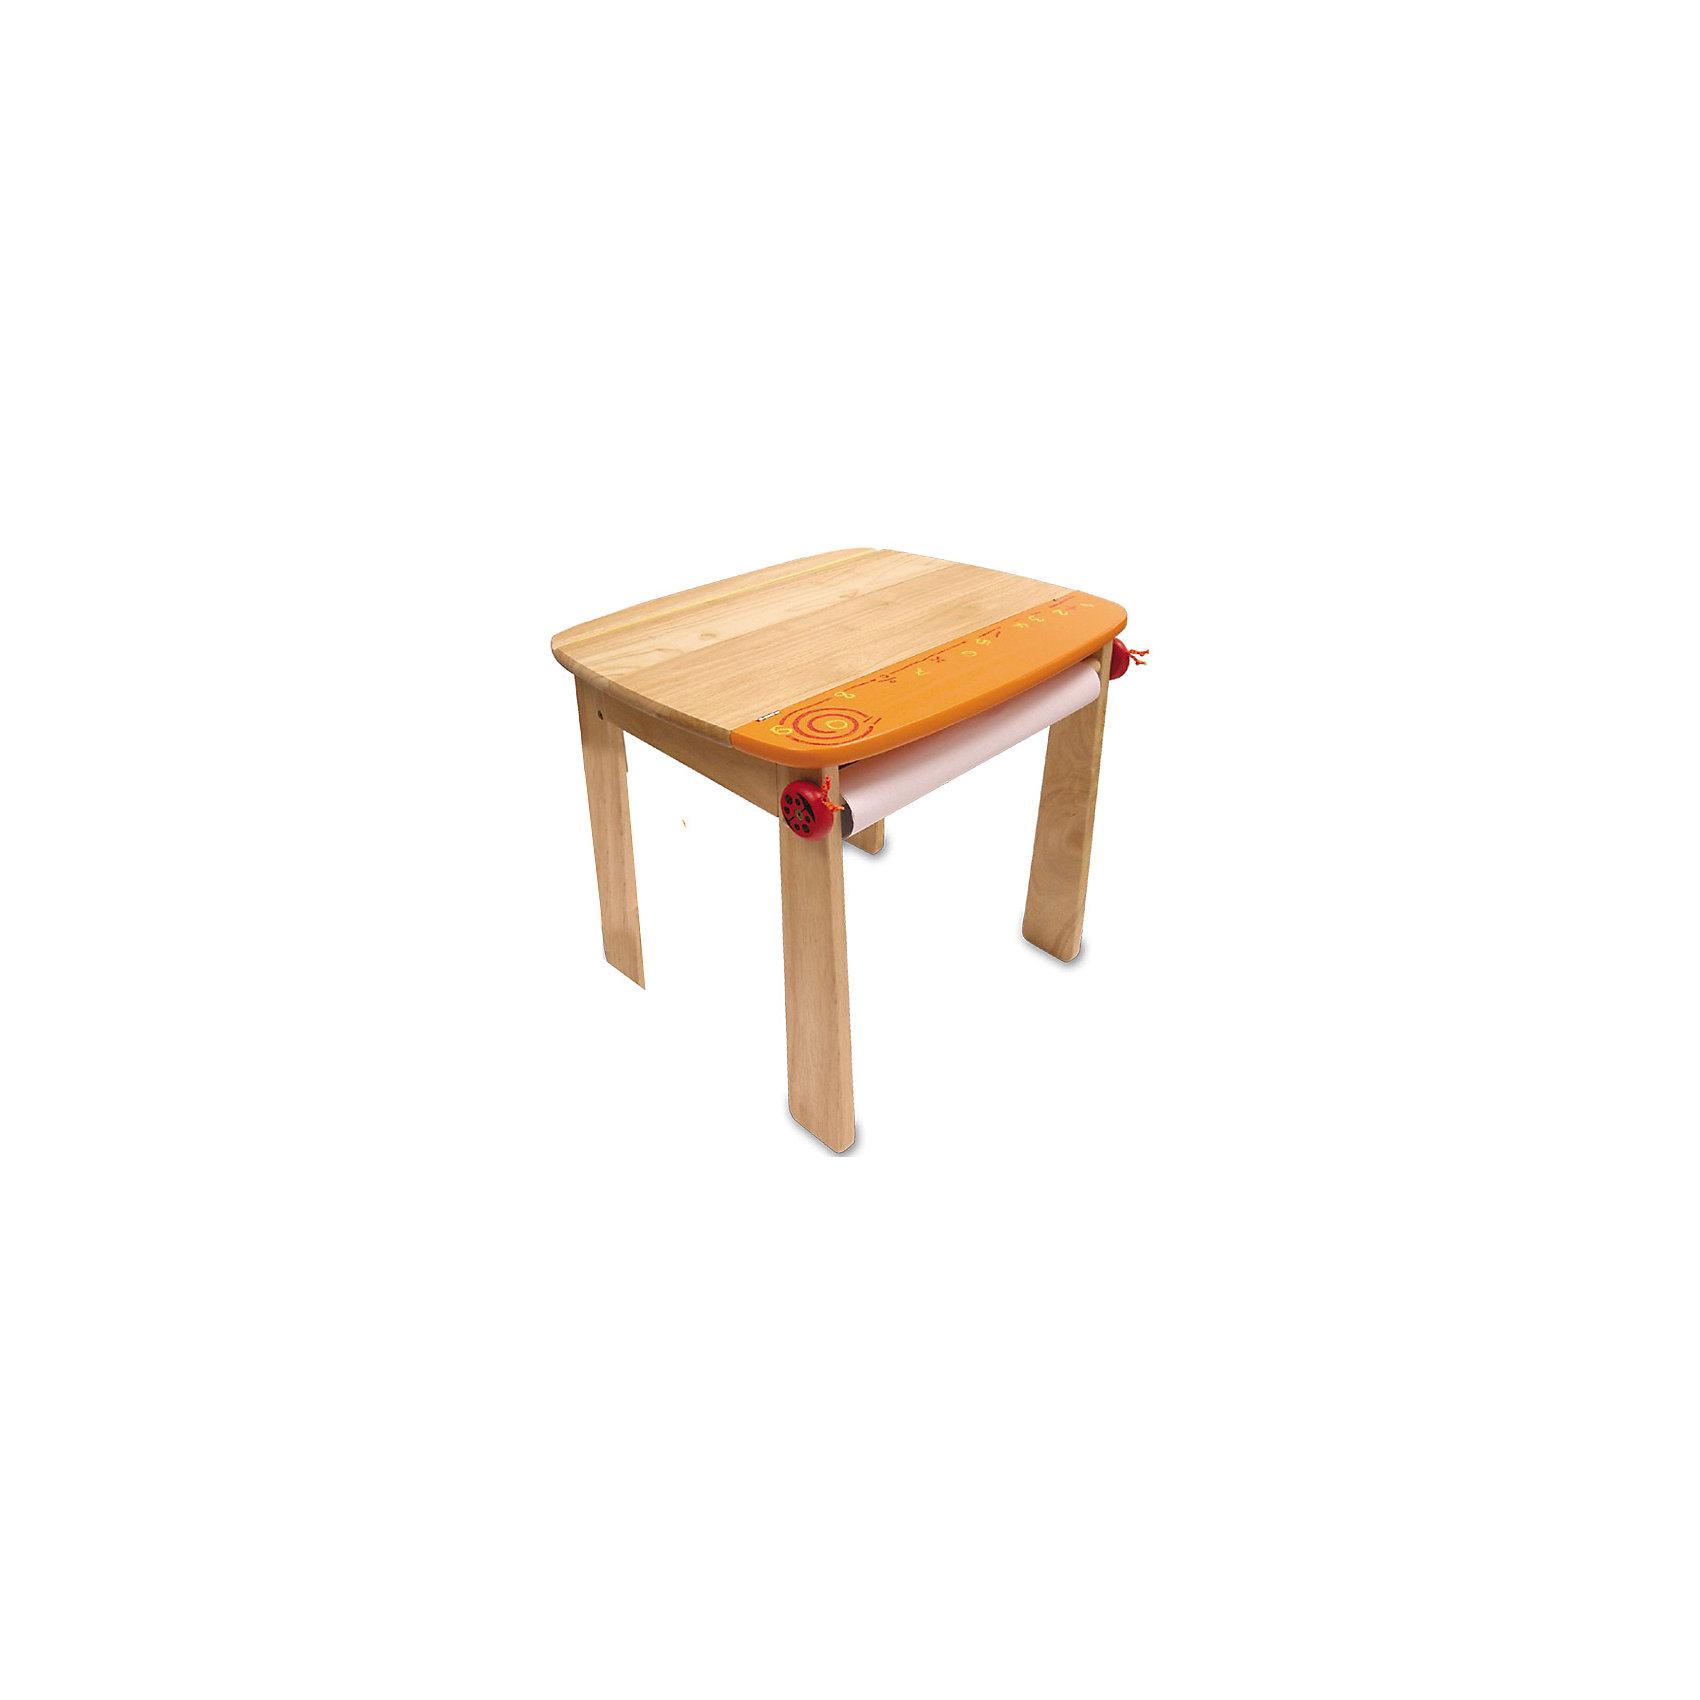 Стол для рисования с держателем для рулона бумаги и контейнером, Im Toy, оранжевыйМебель<br>Функциональный столик для рисования нейтральной и приятной для глаз кремово-оранжевой или кремово-синей расцветки предлагает компания I`m Toy для малышей. Стойкий стол изготовлен из самого безвредного материала для детей - древесины деревьев, которые растут в экологически-чистых районах юго-восточной Азии.<br><br>Дополнительная информация:<br><br>- безопасные закругленные углы;<br>- Размер стола (см): 60 х 52 х 54;<br>- открывающаяся столешница, под которой находится вместительный ящичек для хранения различных канцелярских принадлежностей;<br>- на одной из сторон стола под столешницей предусмотрена деревянная ось (бобина), которую с двух сторон придерживают две веселенькие божьи коровки, на эту ось можно прикреплять рулон бумаги;<br>- бумага в комплект не входит.<br><br>ВНИМАНИЕ! Данный артикул имеется в наличии в разных цветовых исполнениях (оранжевый и синий). К сожалению, заранее выбрать определенный цвет не возможно.<br><br>Стол для рисования Гулливер можно купить в нашем магазине.<br><br>Ширина мм: 530<br>Глубина мм: 80<br>Высота мм: 620<br>Вес г: 8900<br>Возраст от месяцев: 84<br>Возраст до месяцев: 84<br>Пол: Унисекс<br>Возраст: Детский<br>SKU: 3292266